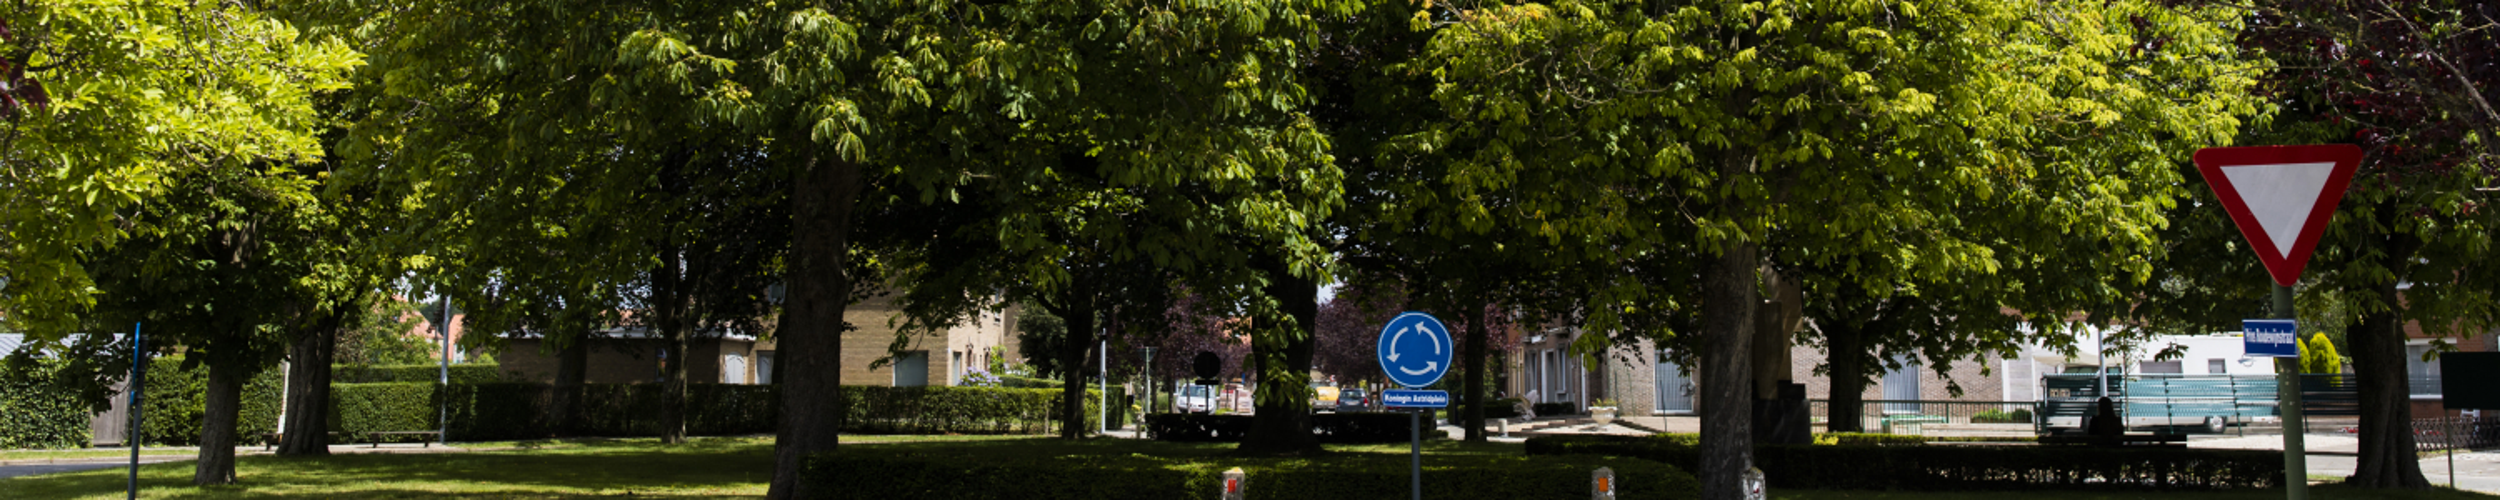 Bomen op rondpunt - Foto Maarten Devoldere